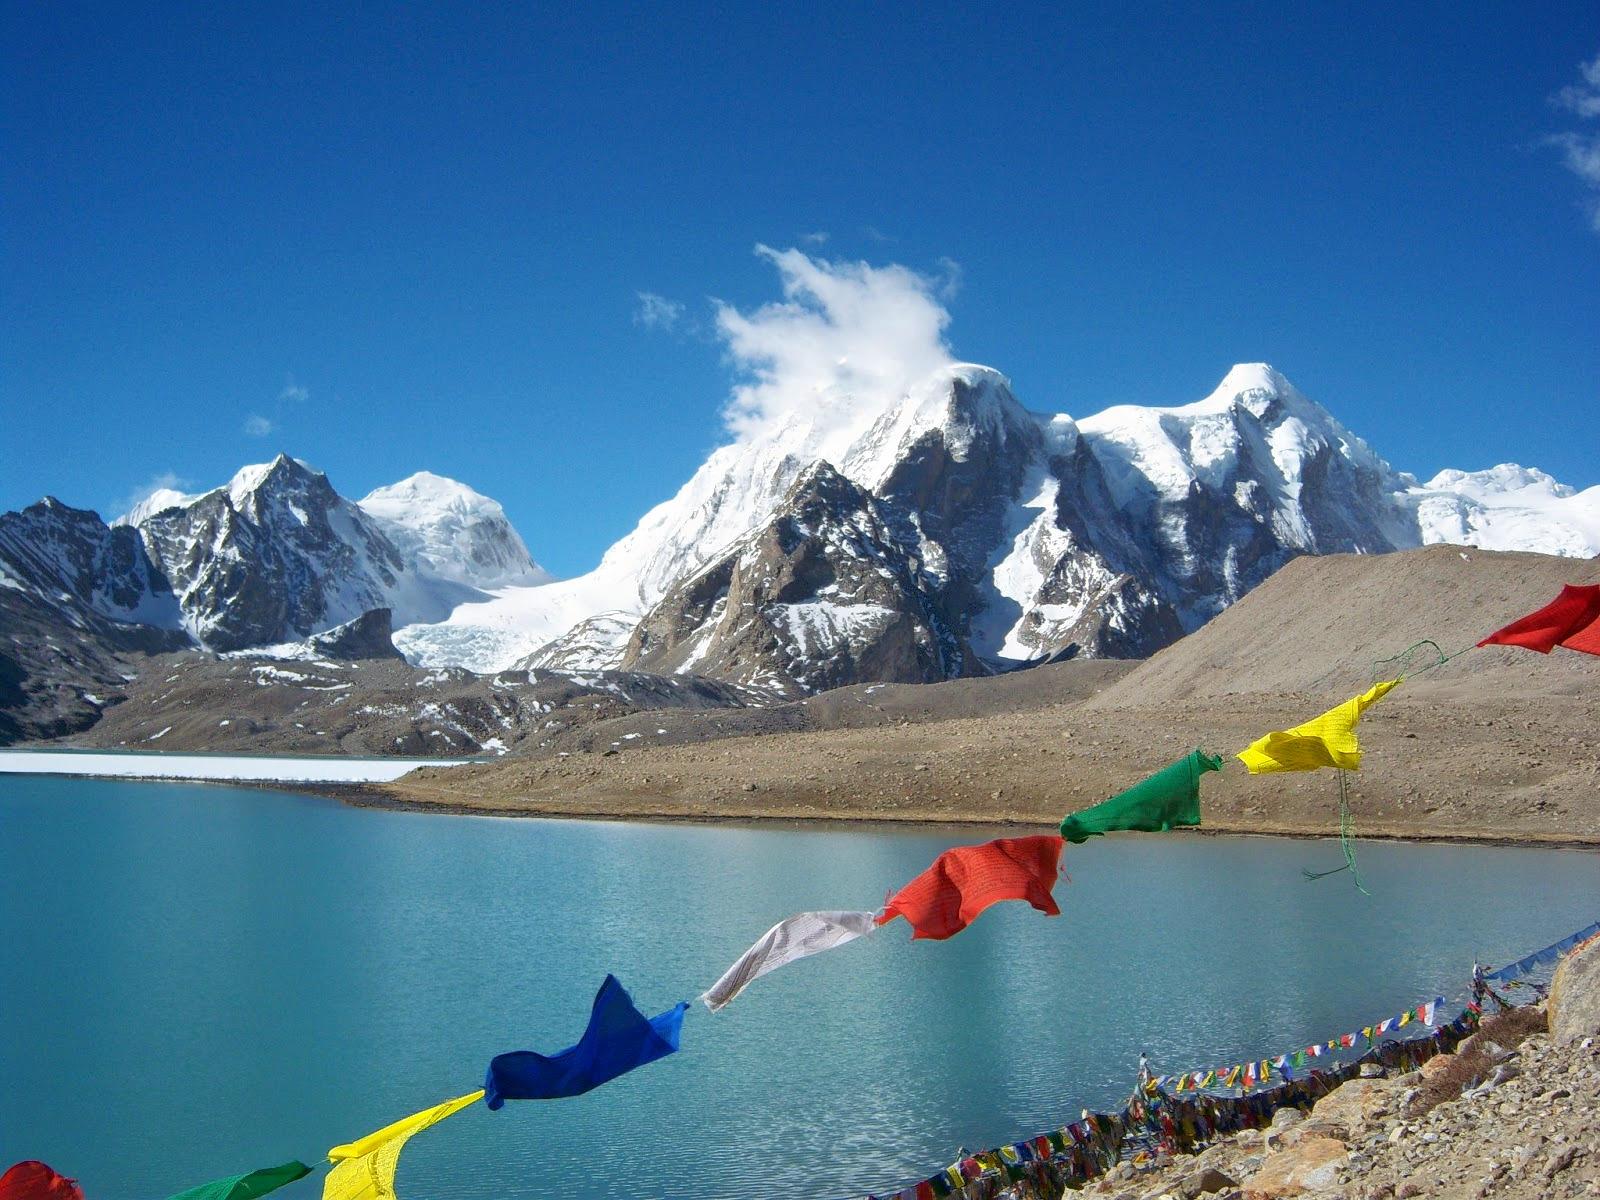 1532001572_buddhist_flag_flutters_in_gurudongmar_lake.jpg